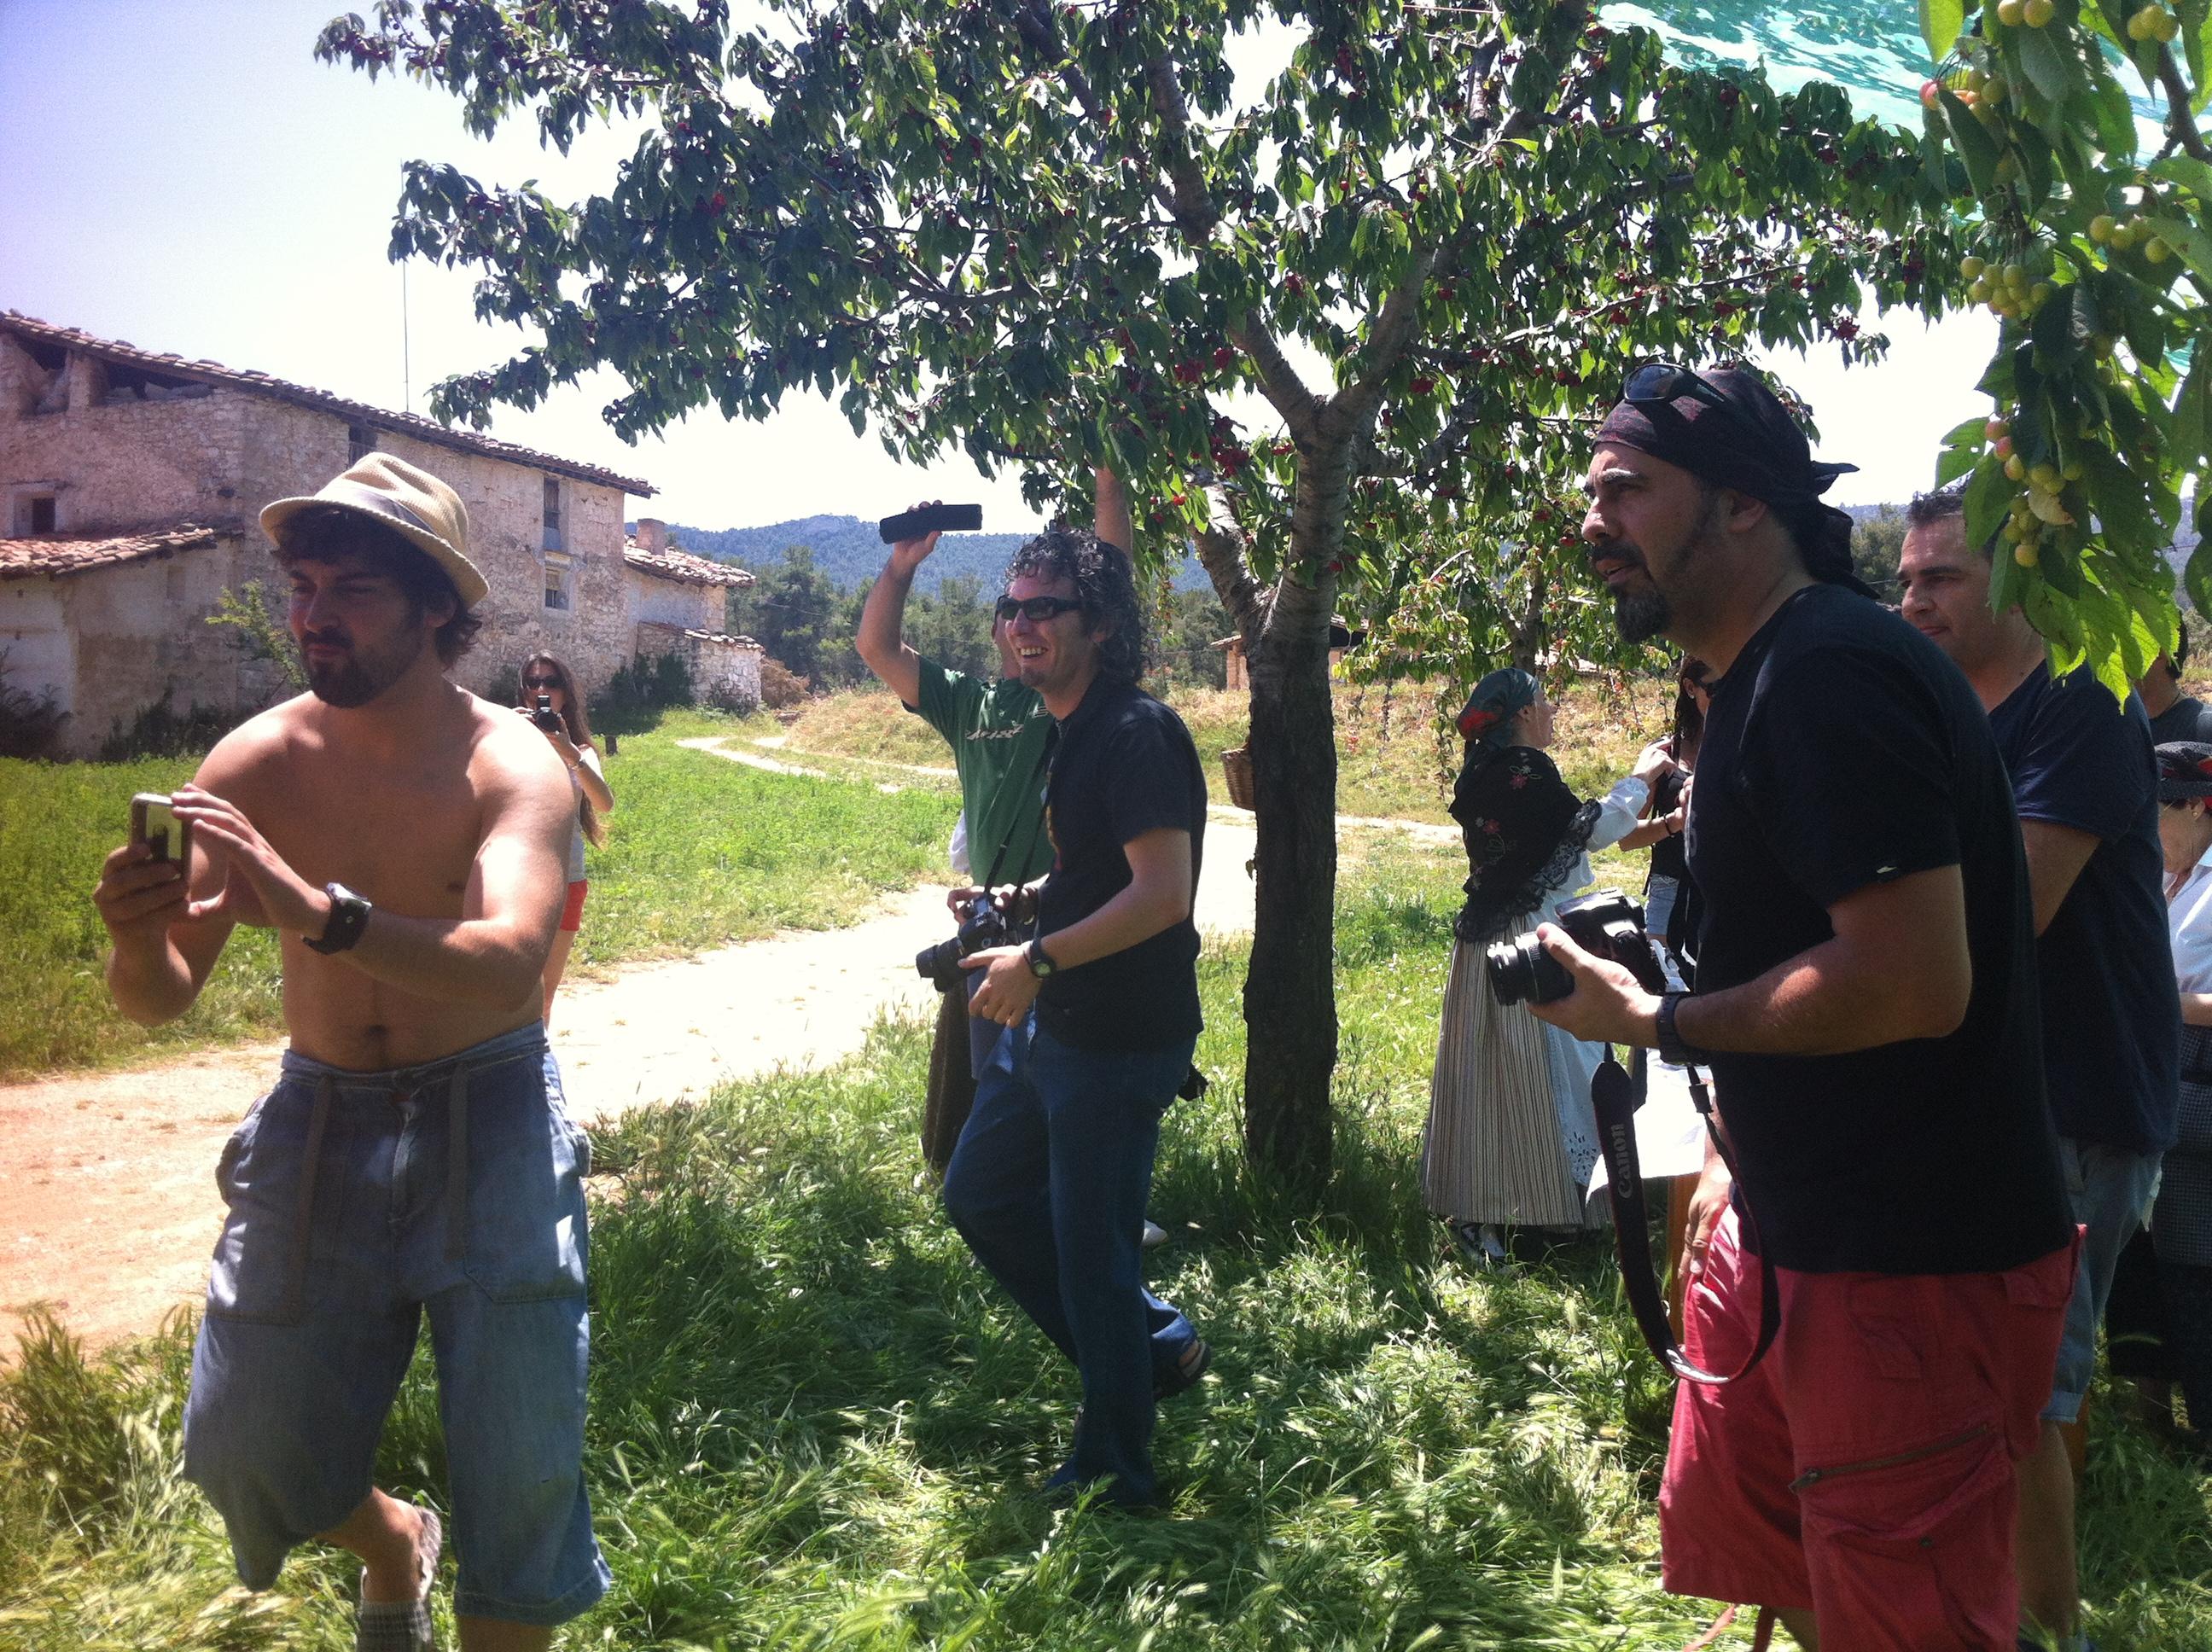 """Mein nächster Urlaub geht an… """"Teruel"""" – Natur pur dank #sienteteruel, Mario Schumacher Blog"""